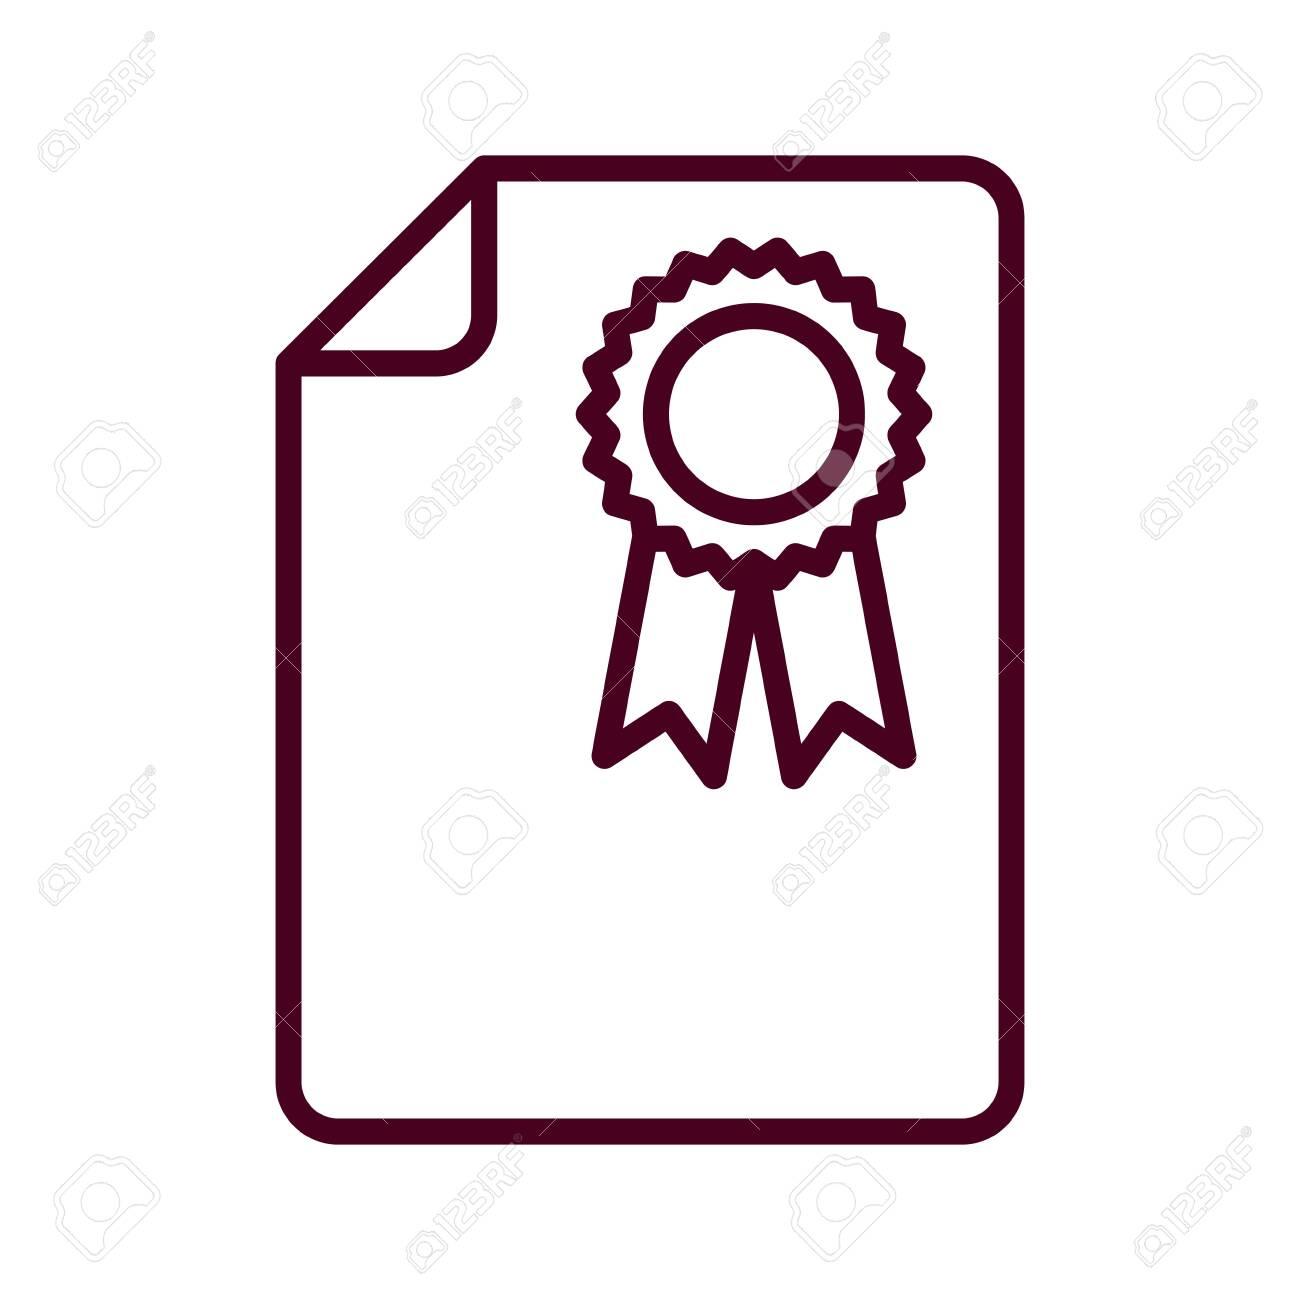 Zieleinlauf Clipart - Lizenzfrei - GoGraph